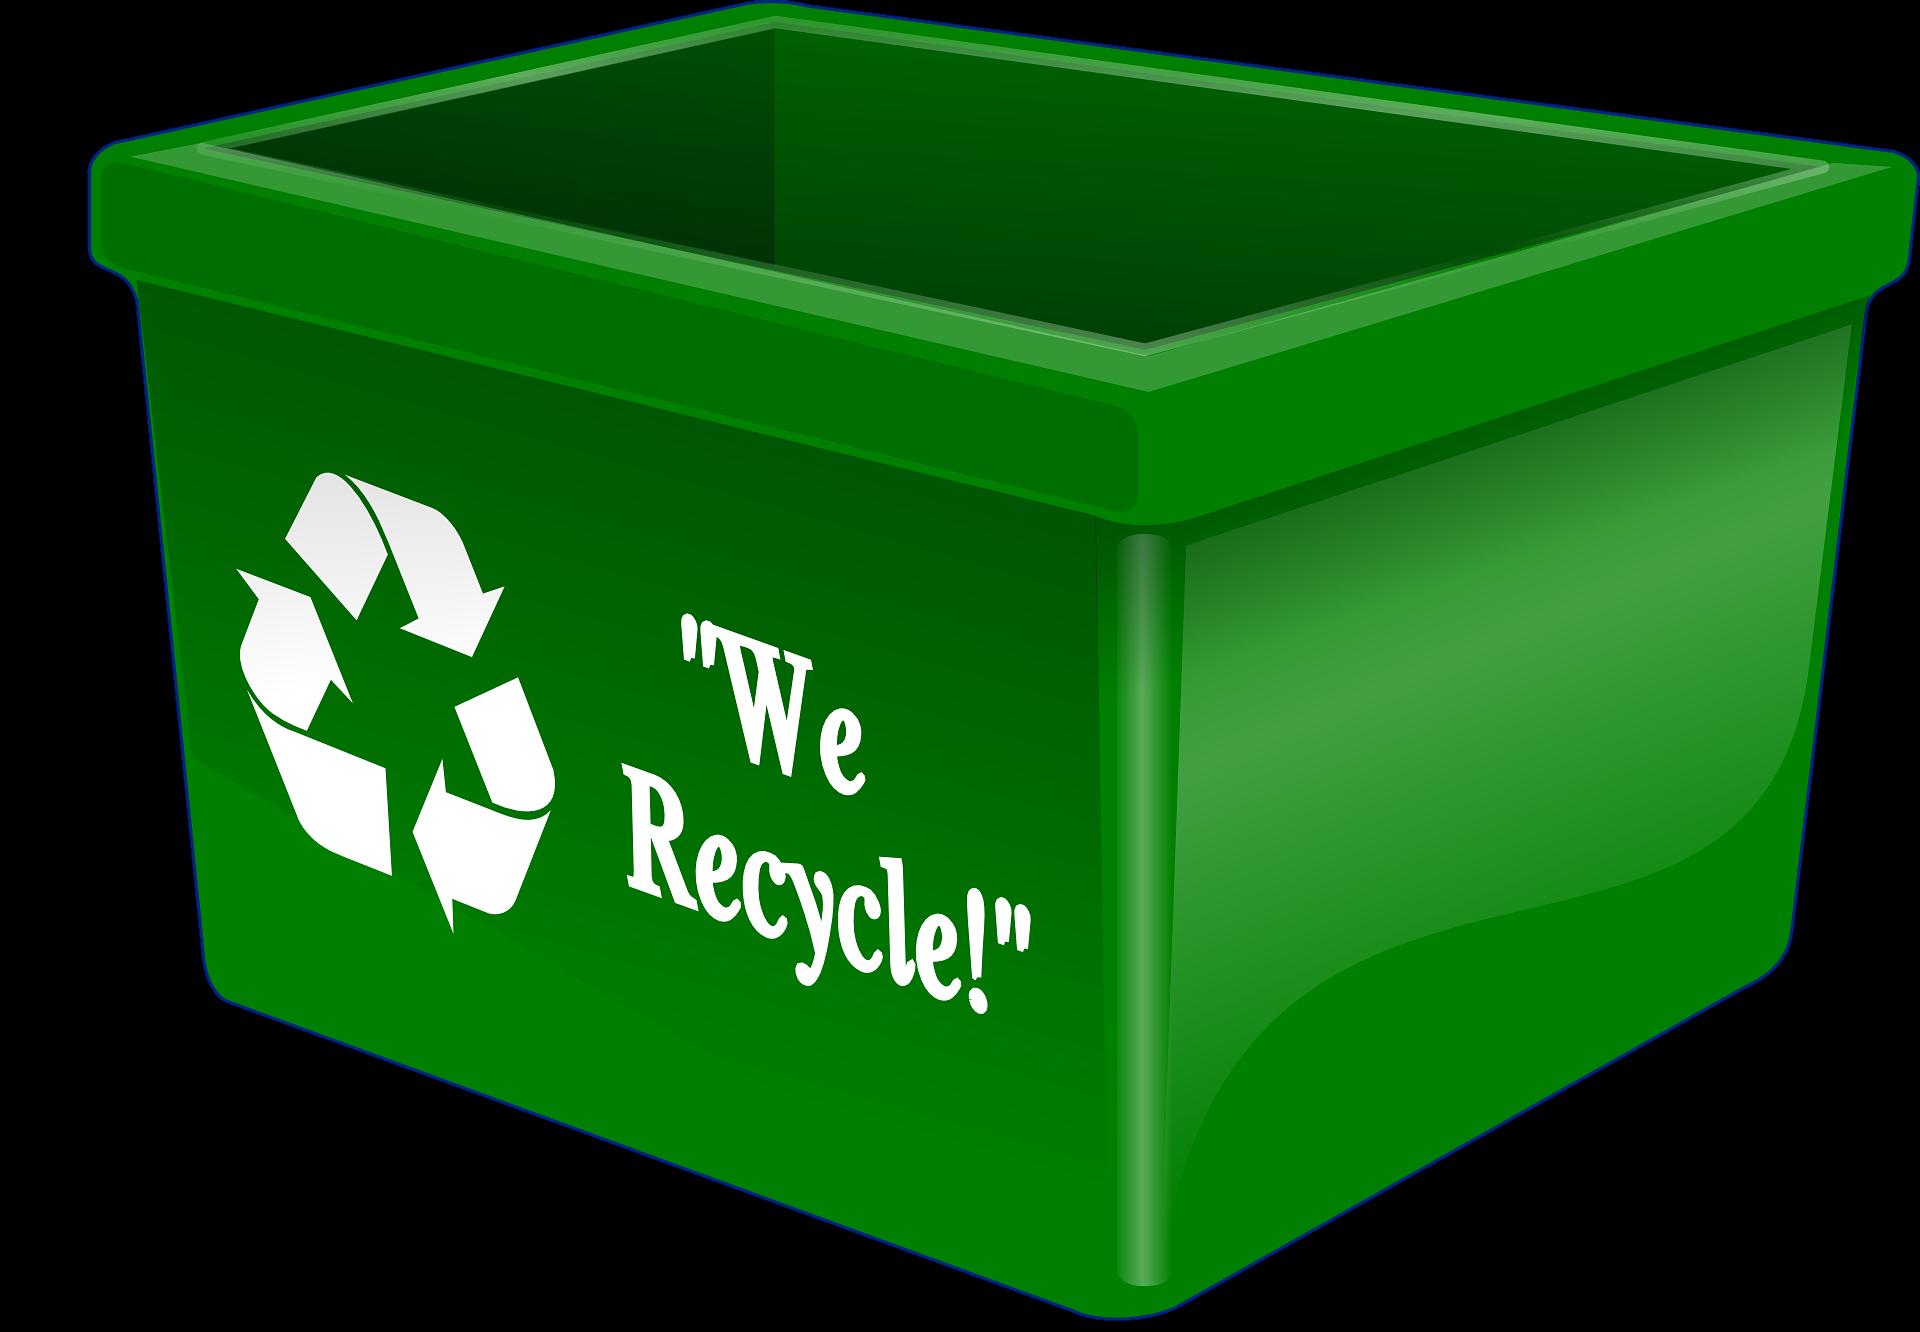 Trung tâm tái chế SER tiếp nhận các thiết bị điện và điện tử cũ miễn phí.